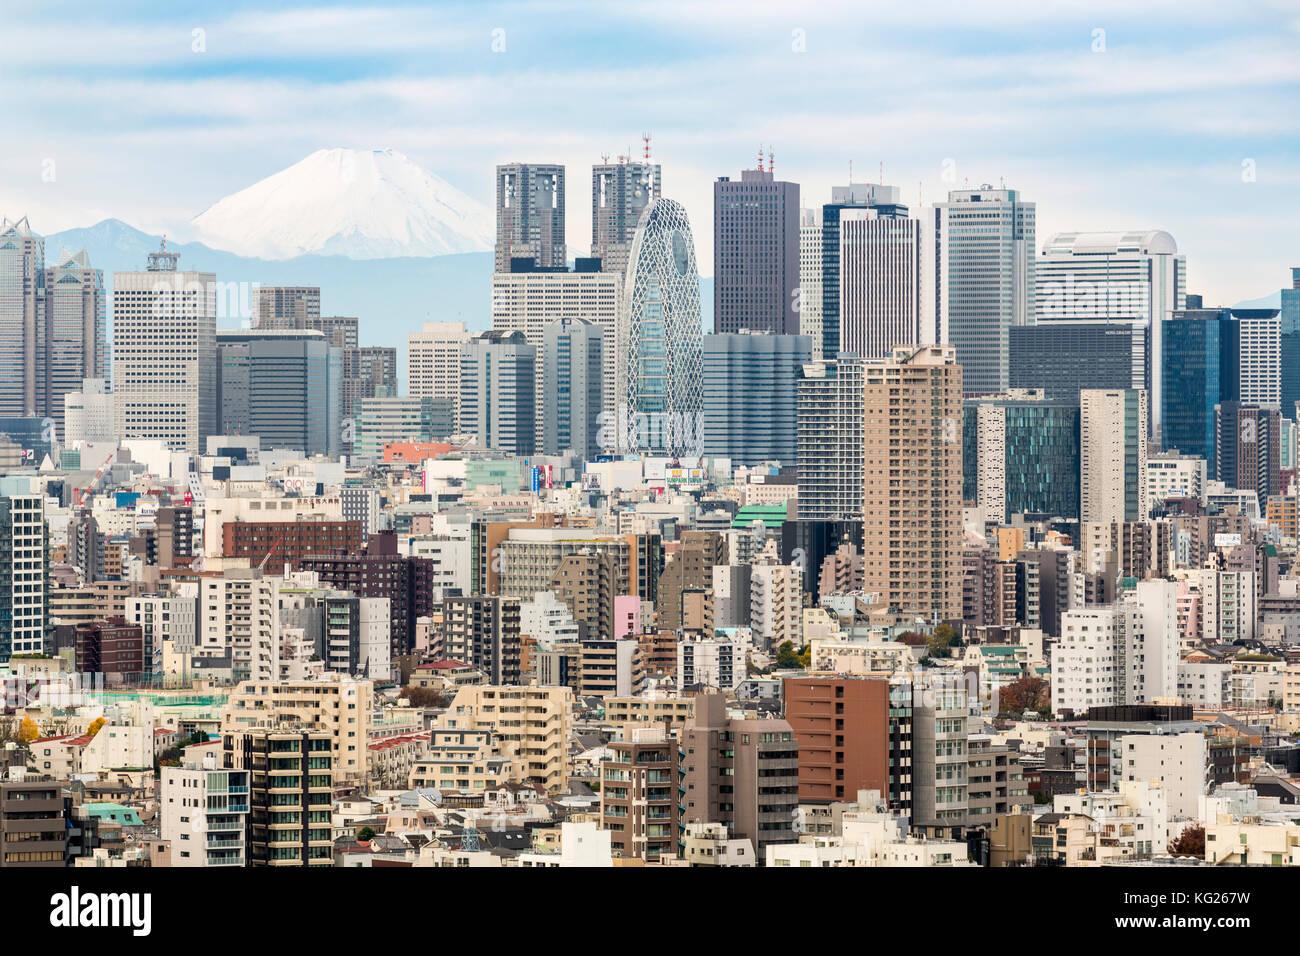 Il monte Fuji e il quartiere di Shinjuku grattacielo skyline di Tokyo, Giappone, Asia Immagini Stock